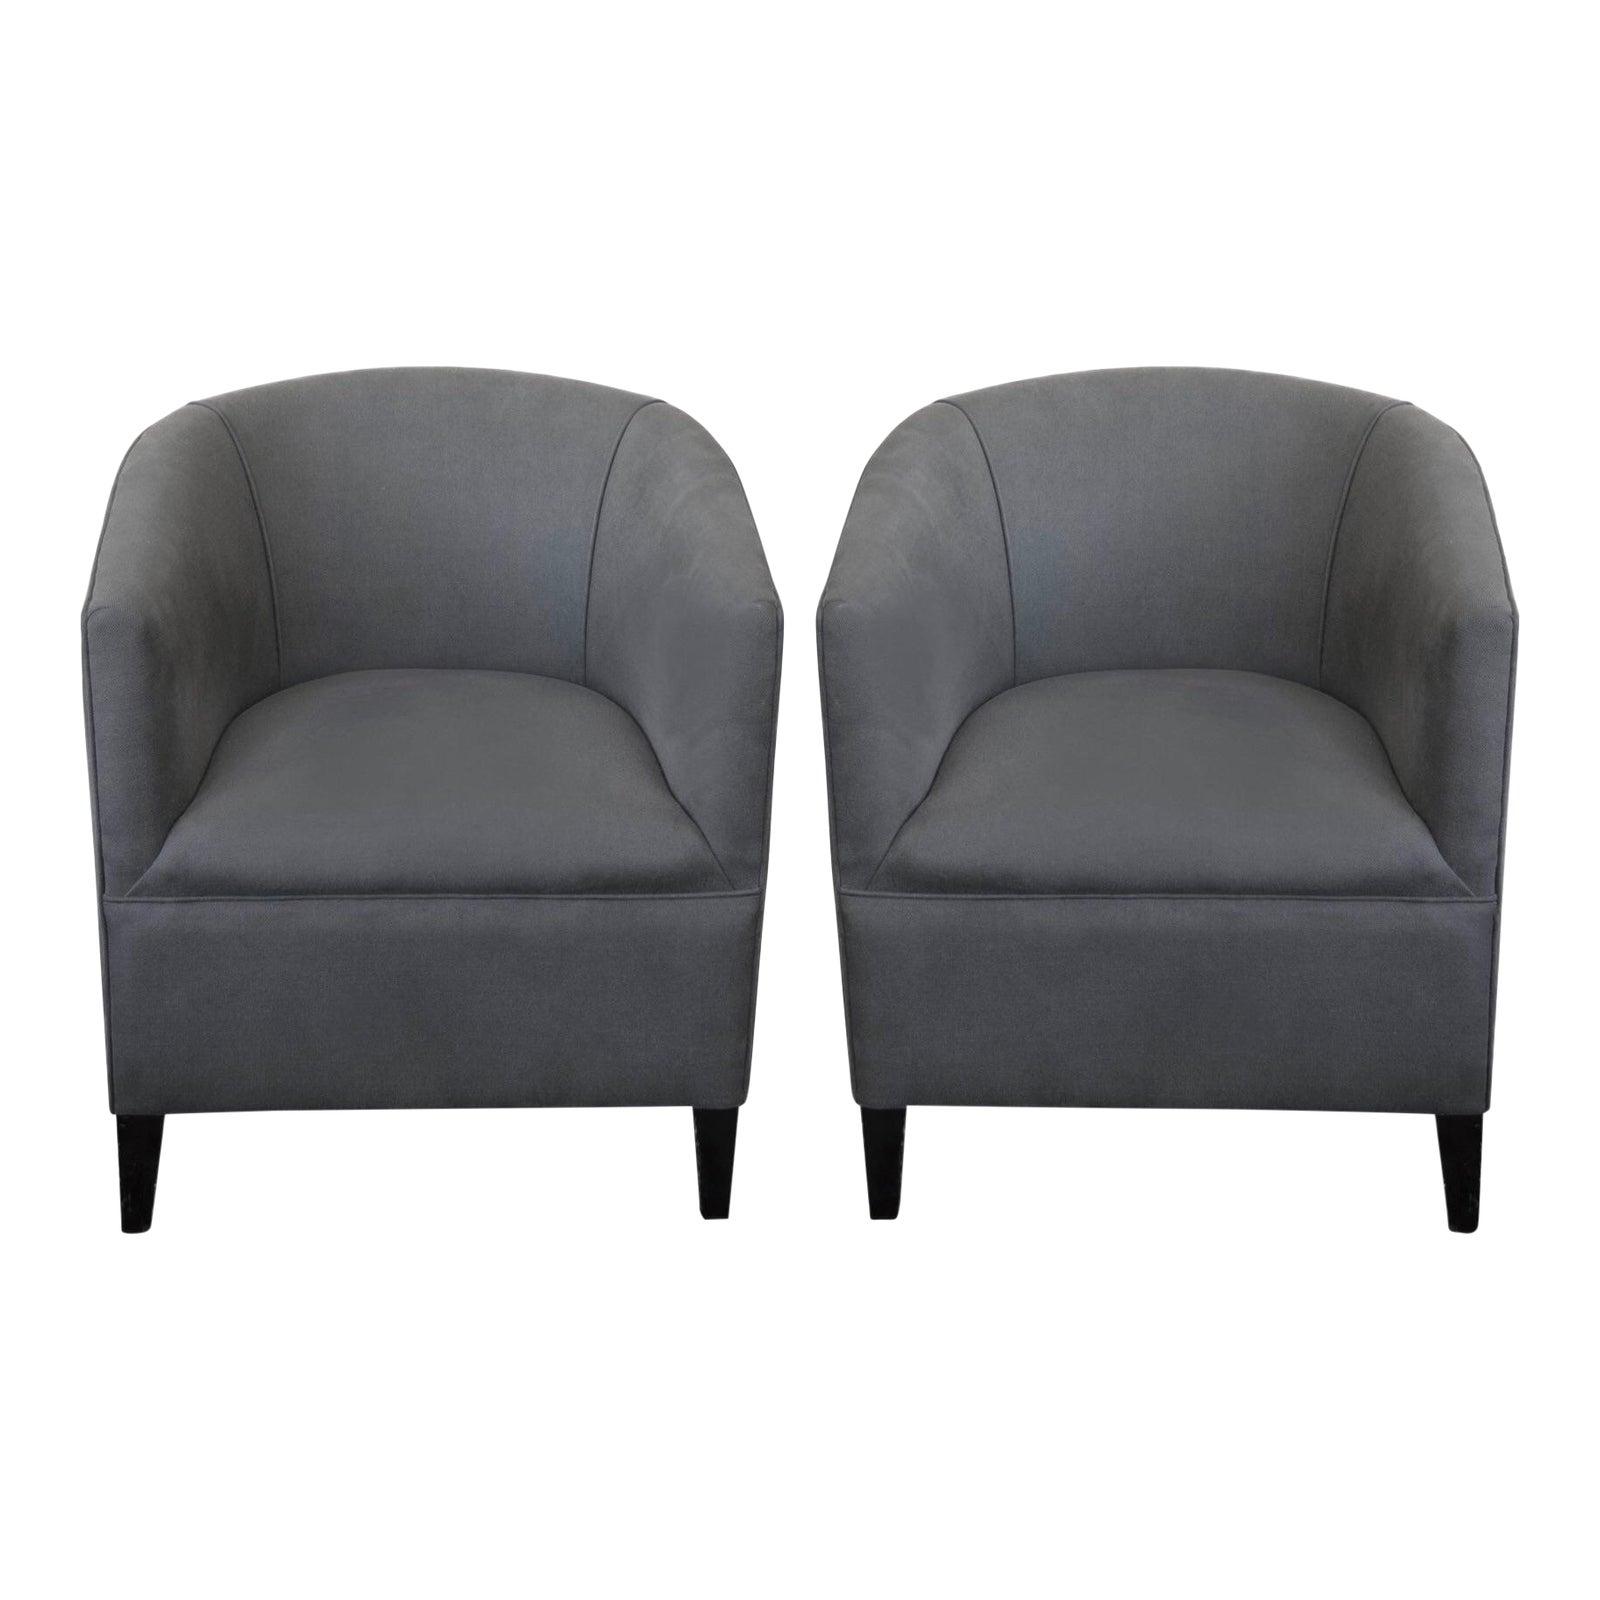 Circa 1930\'s Grey English Tub Chairs - A Pair | Chairish